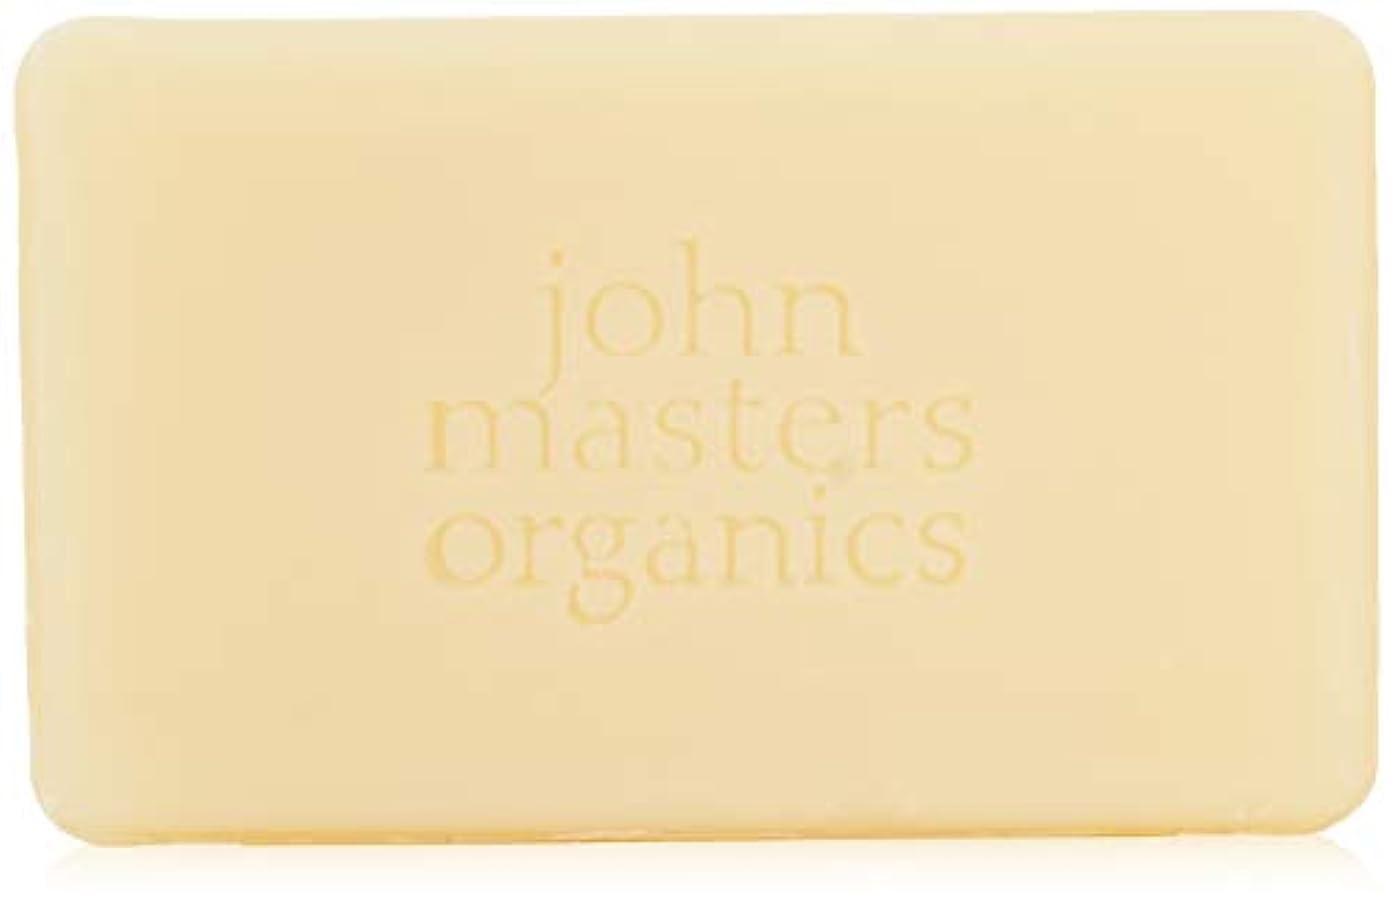 習字くしゃみ種ジョンマスターオーガニック ラベンダーローズゼラニウム&イランイランソープ 128g